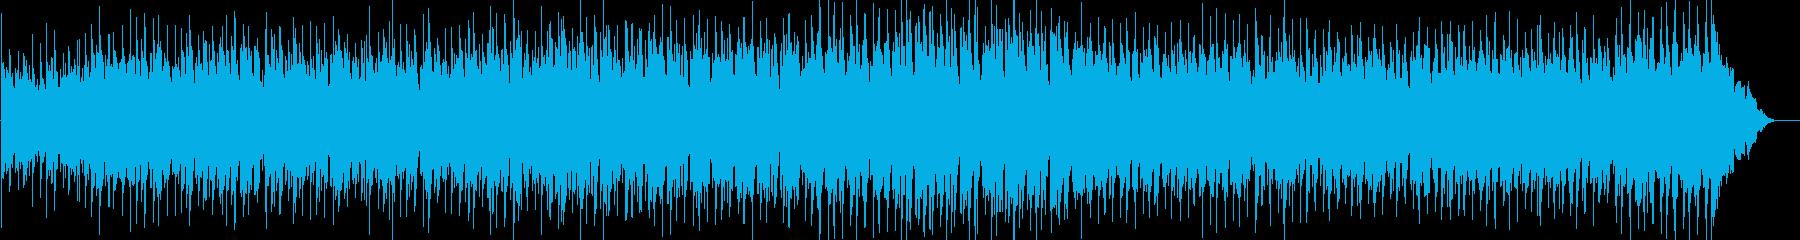 不安なシーンのBGMの再生済みの波形